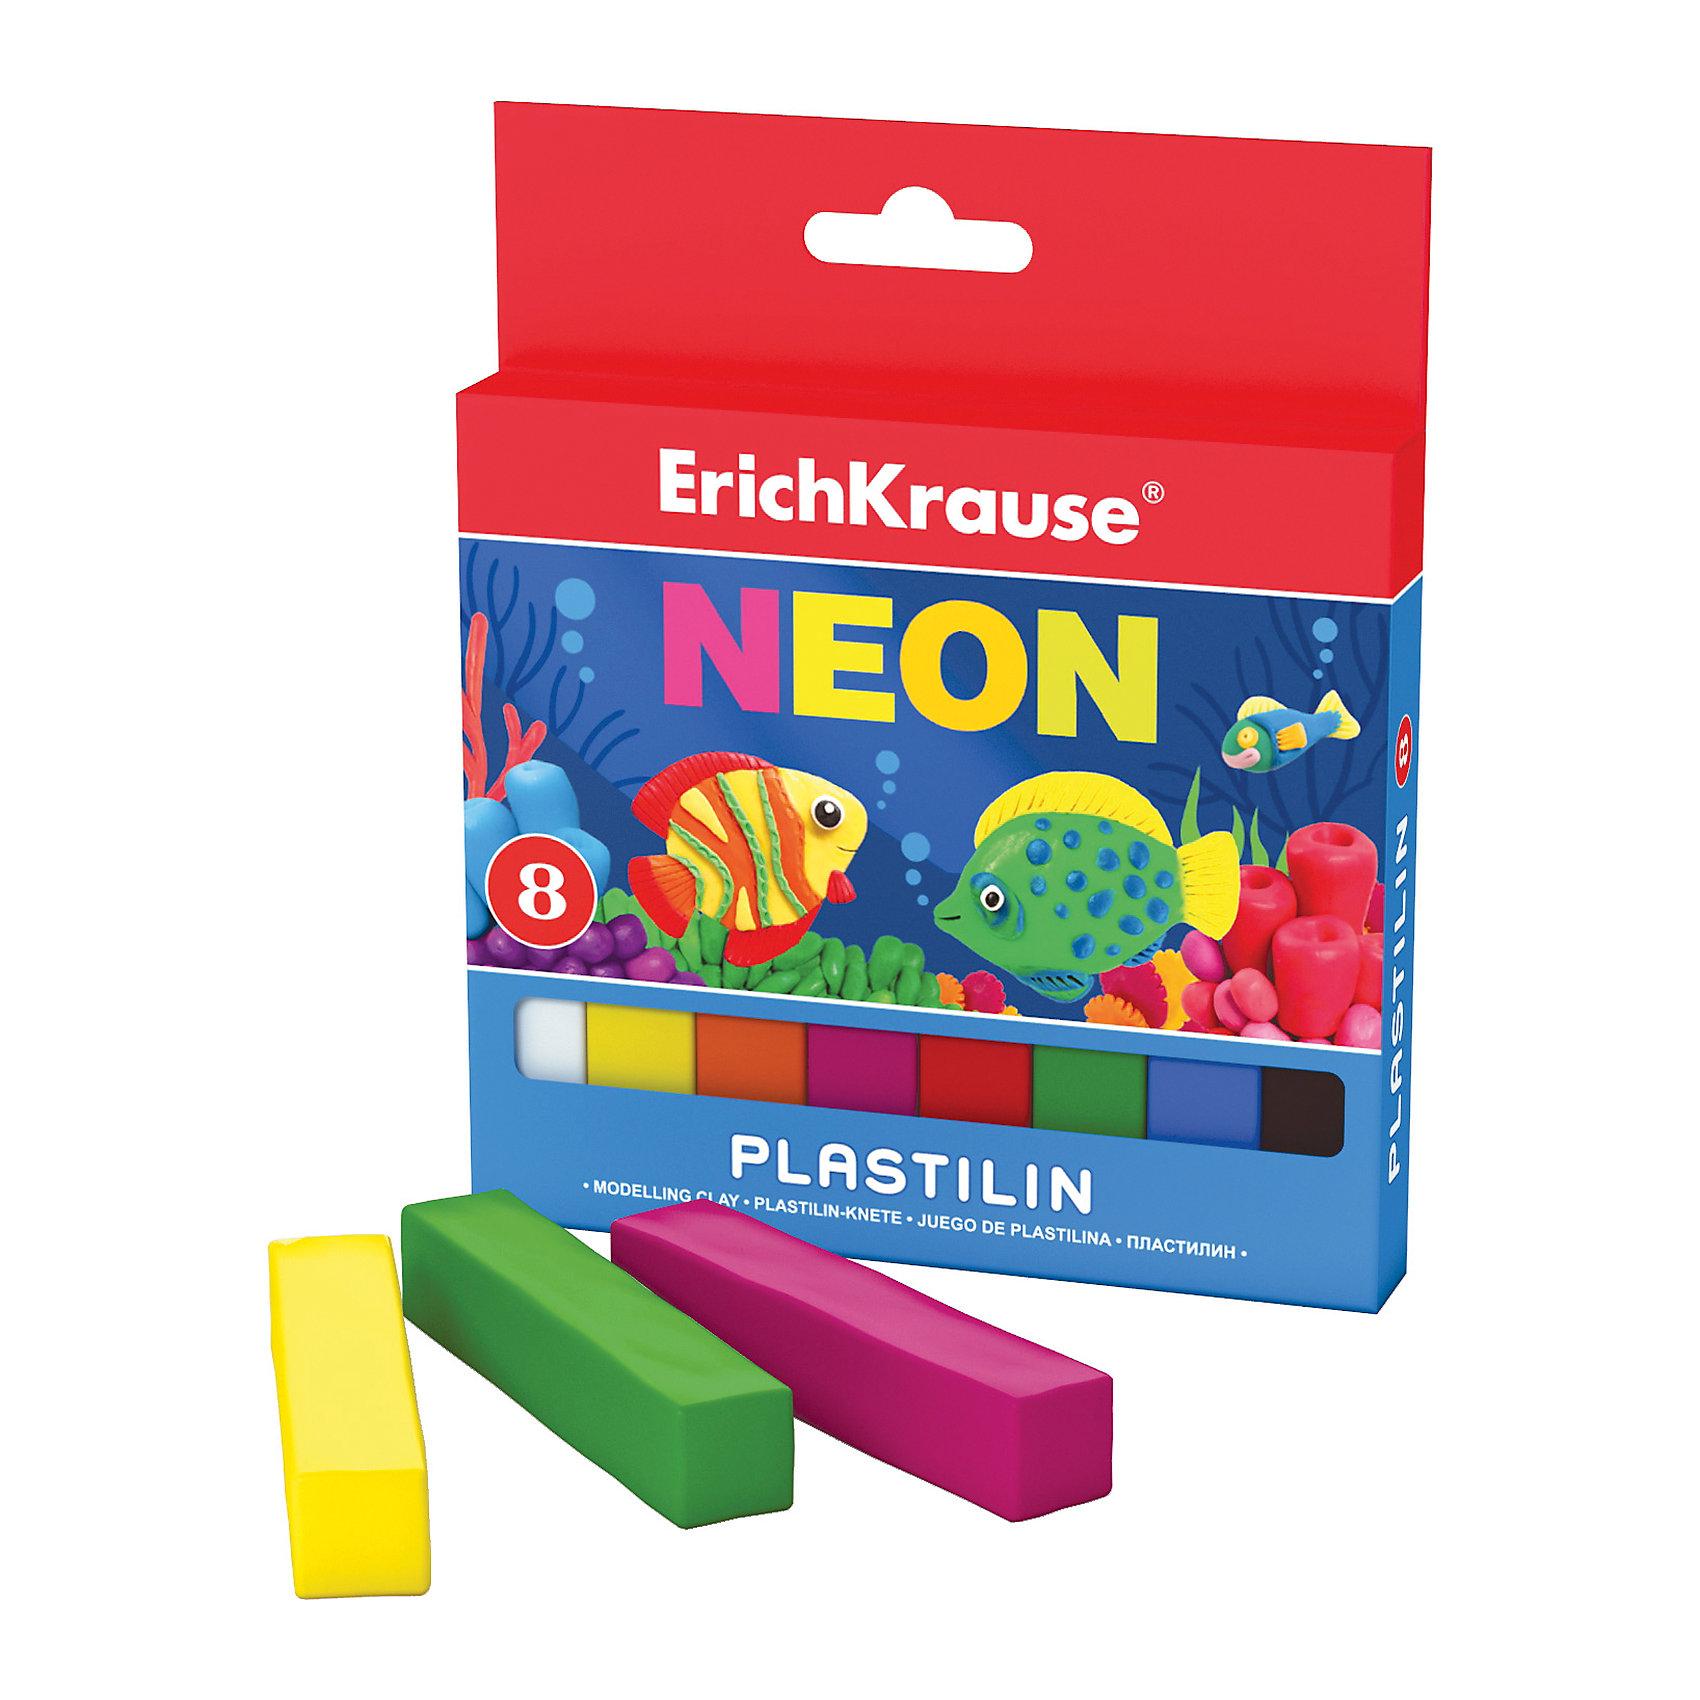 Пластилин Neon 8 цветов, 120гРисование и лепка<br>Пластилин Neon 8 цветов, 120г.<br><br>Характеристики:<br><br>• В набор входит: 8 брусочков пластилина<br>• Размер упаковки: 13 * 1,4 * 11 см.<br>• Вес: 137 г.<br>• Для детей в возрасте: от 3-х лет<br>• Страна производитель: Китай<br><br>Восемь ярких цветных брусочков пластилина изготовлены из безопасных для детей материалов и уже готовы к лепке. Насыщенные неоновые цвета светятся под ультрафиолетовой лампой,почти не оставляют следов на руках и могут перемешиваться между собой. Поделки из разных цветов отлично прикрепляются друг к другу. Работая с пластилином вы можете делать объемные фигурки, а также можете наносить пластилин на бумагу, картон или даже стекло, чтобы выполнять новые картины или даже фрески. <br><br>В набор входят основные восемь цветов, которые помогут создать множество поделок. Занимаясь лепкой дети развивают моторику рук, творческие способности, восприятие цветов и их сочетаний, а также лепка благотворно влияет на развитие речи, координацию движений, память и логическое мышление. Лепка всей семьей поможет весело и пользой провести время!<br><br>Пластилин Neon 8 цветов, 120г. можно купить в нашем интернет-магазине.<br><br>Ширина мм: 107<br>Глубина мм: 127<br>Высота мм: 14<br>Вес г: 137<br>Возраст от месяцев: 60<br>Возраст до месяцев: 216<br>Пол: Унисекс<br>Возраст: Детский<br>SKU: 5409295